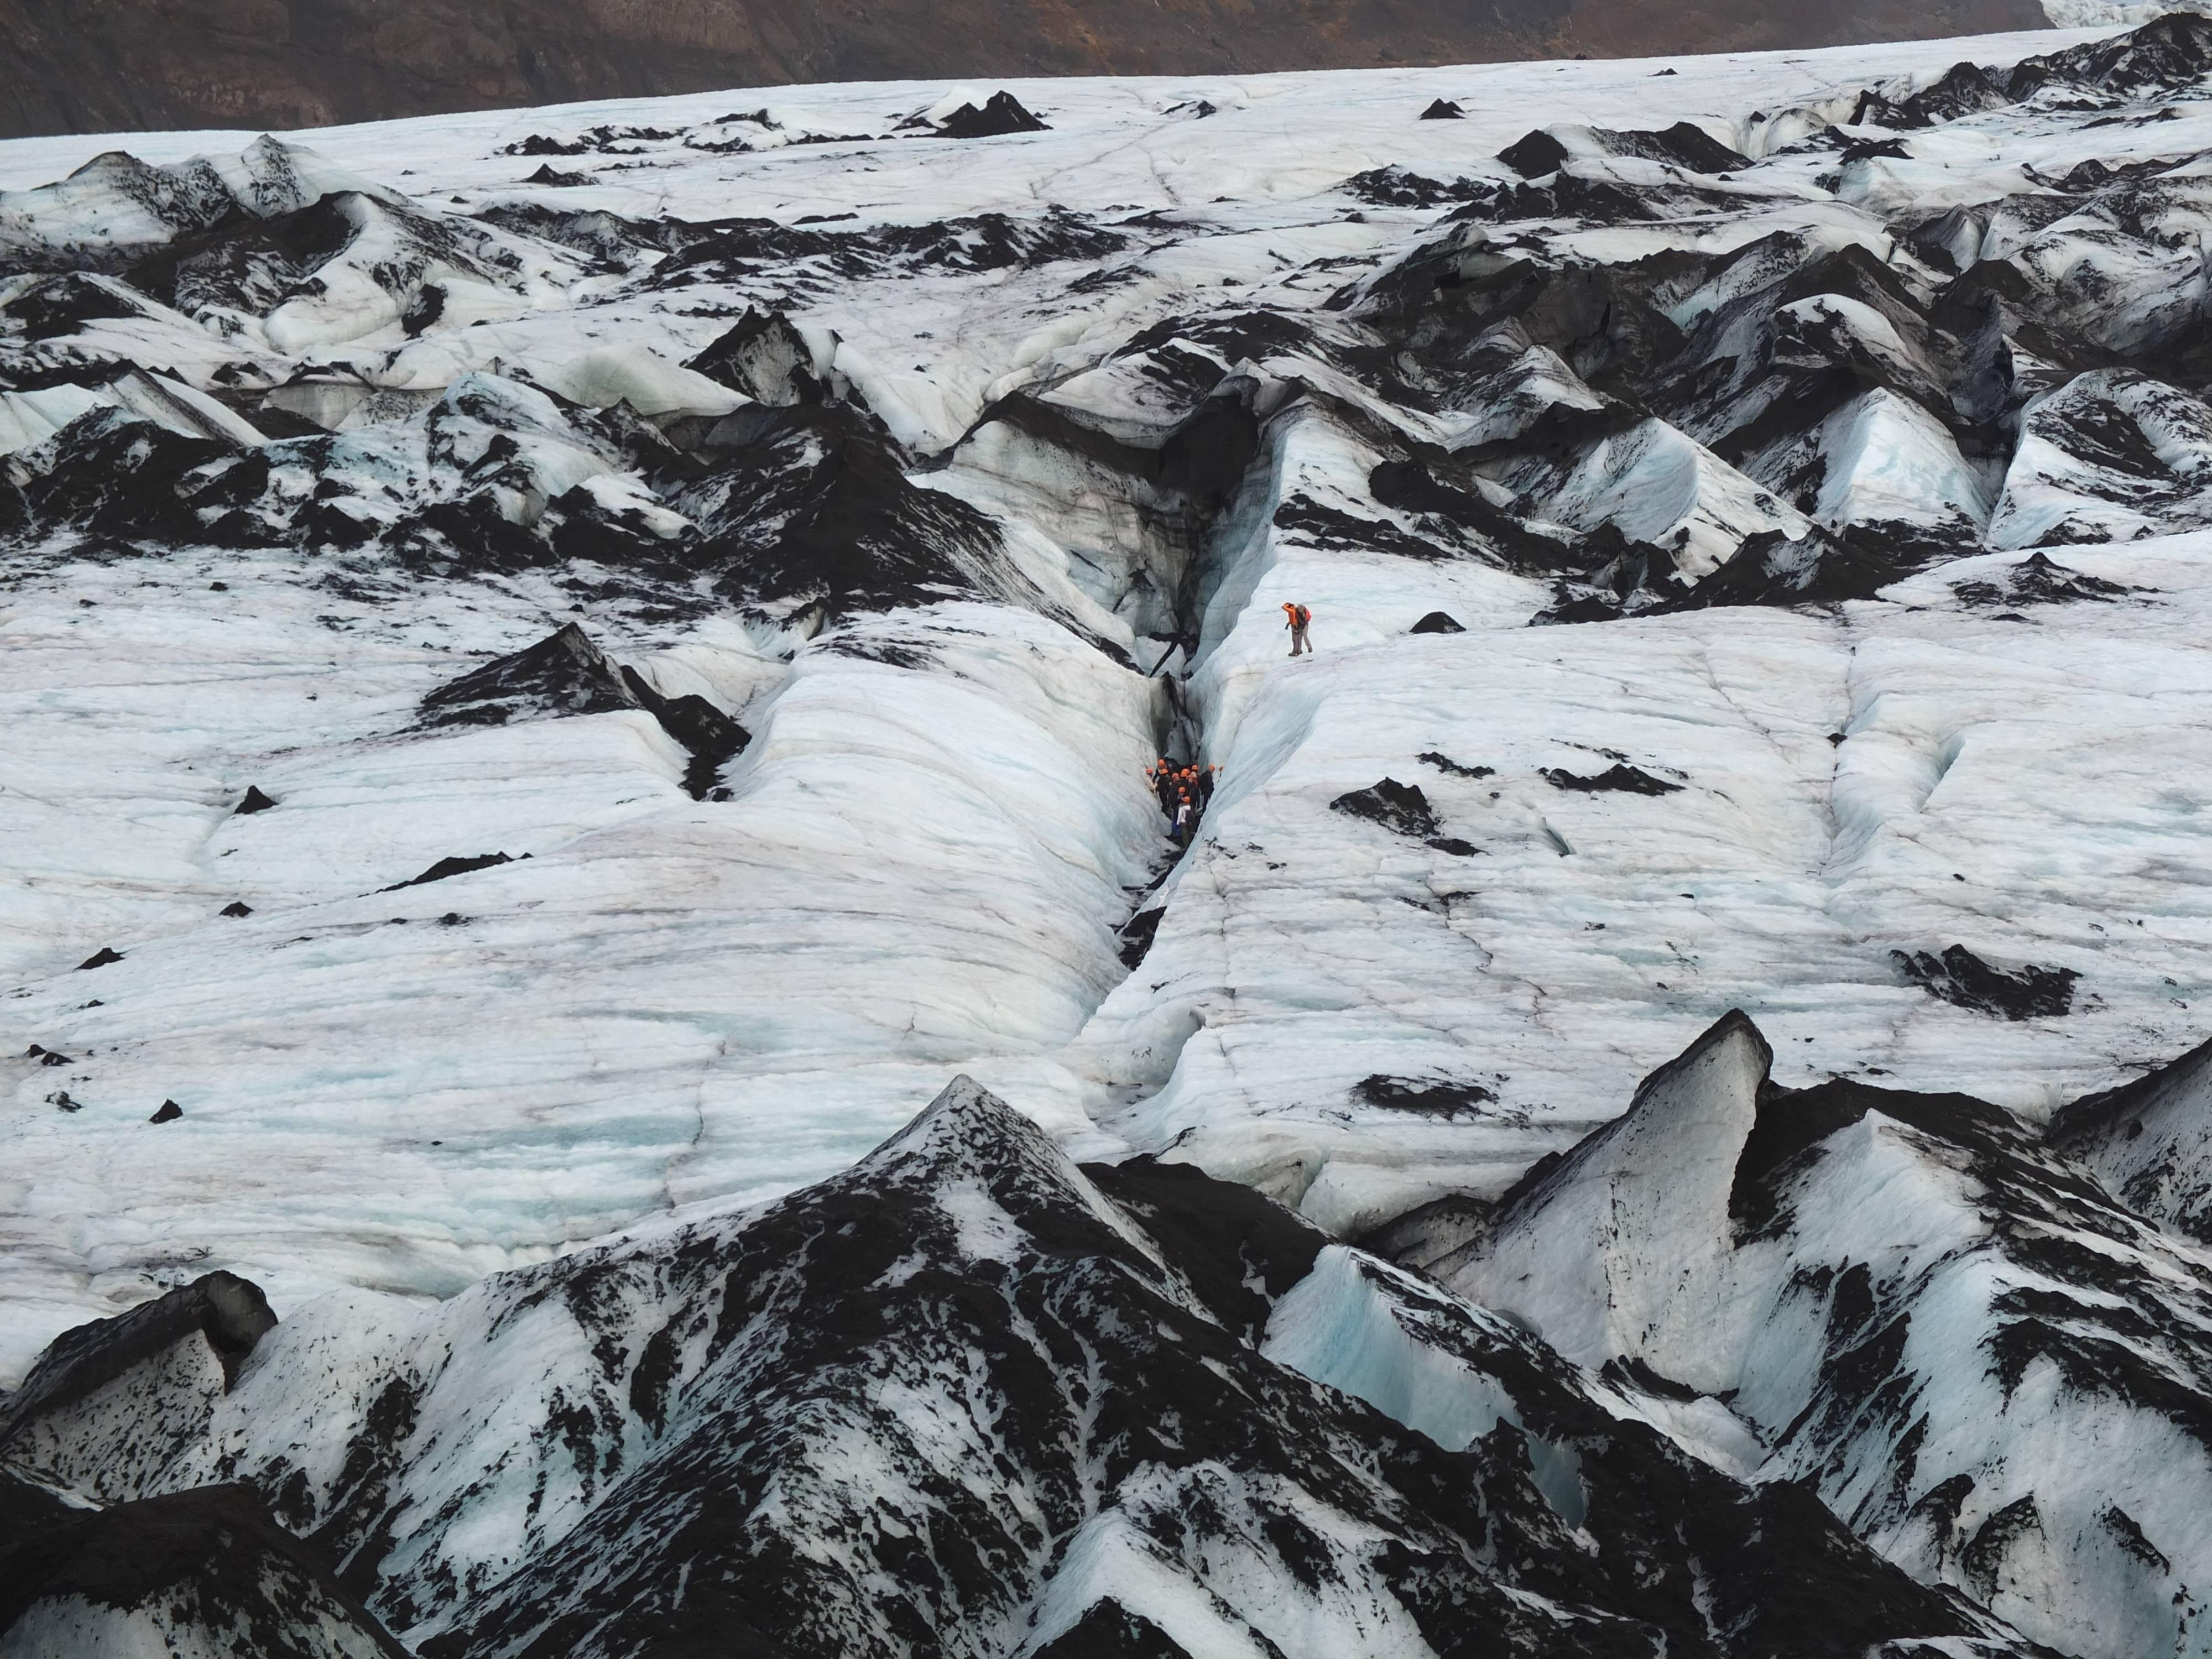 Photo 1: Marcher sur un glacier en Islande